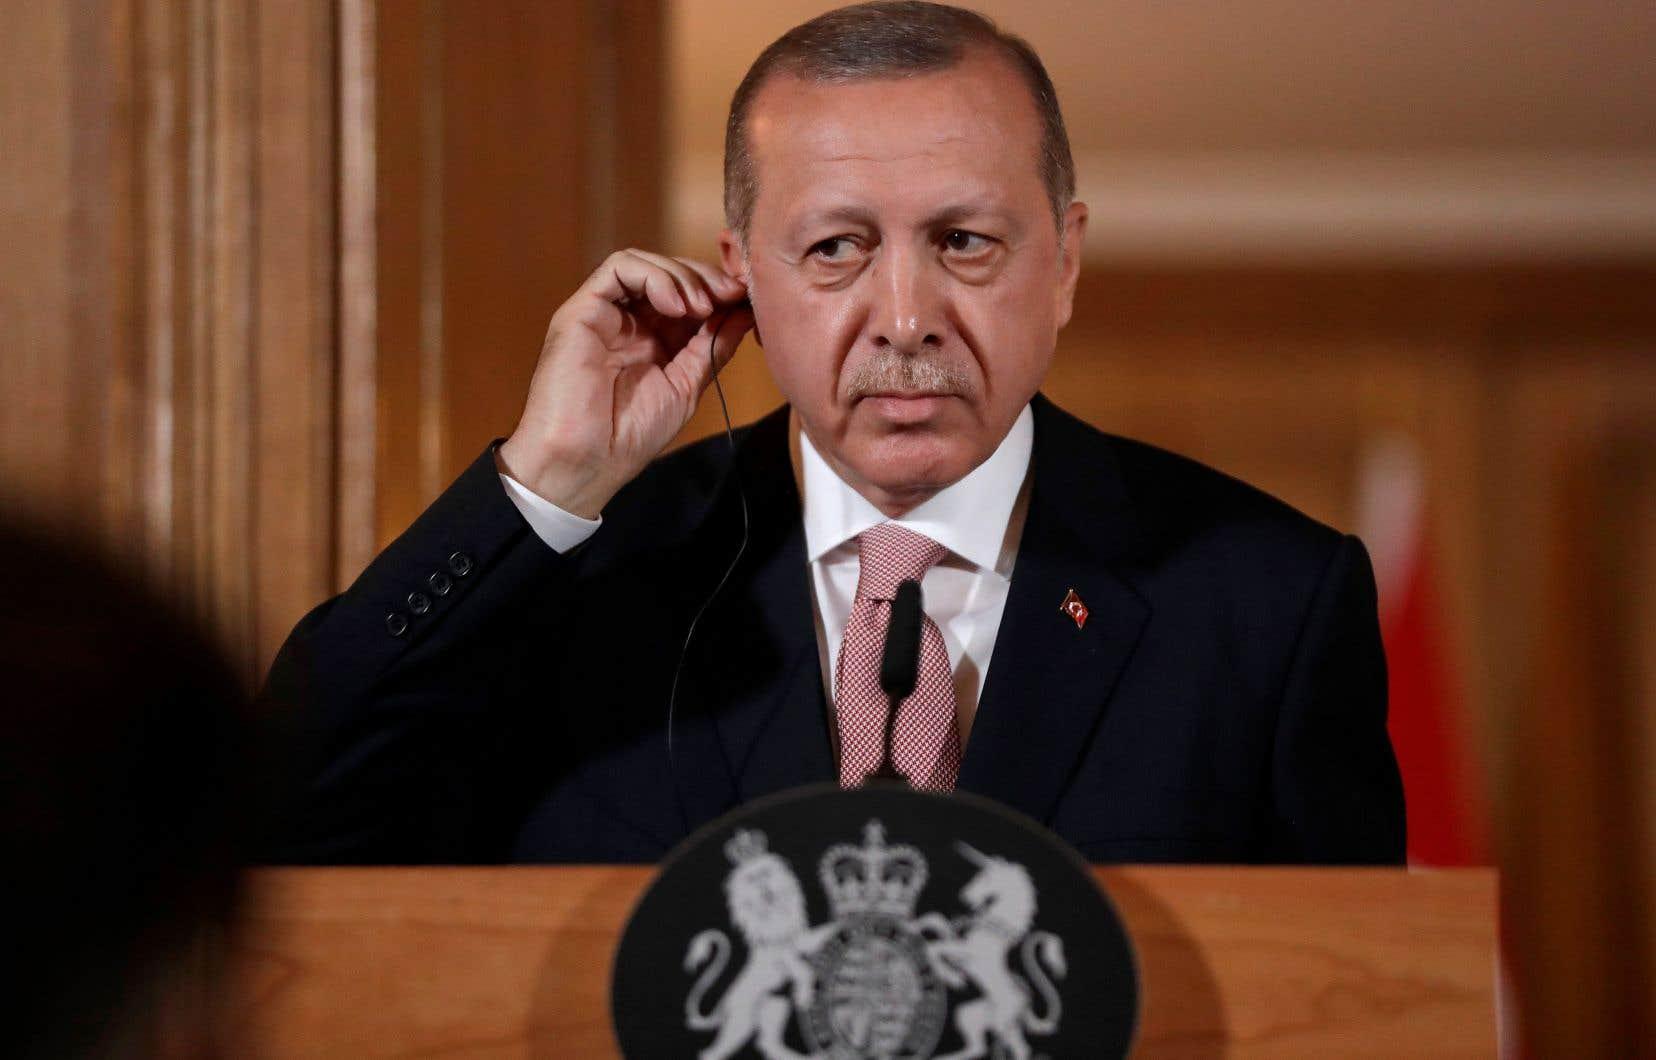 Le président turc Recep Tayyib Erdogan avait déjà demandé à l'ambassadeur israélien à Ankara de partir mardi, tout en rappelant son ambassadeur à Tel-Aviv pour consultations.